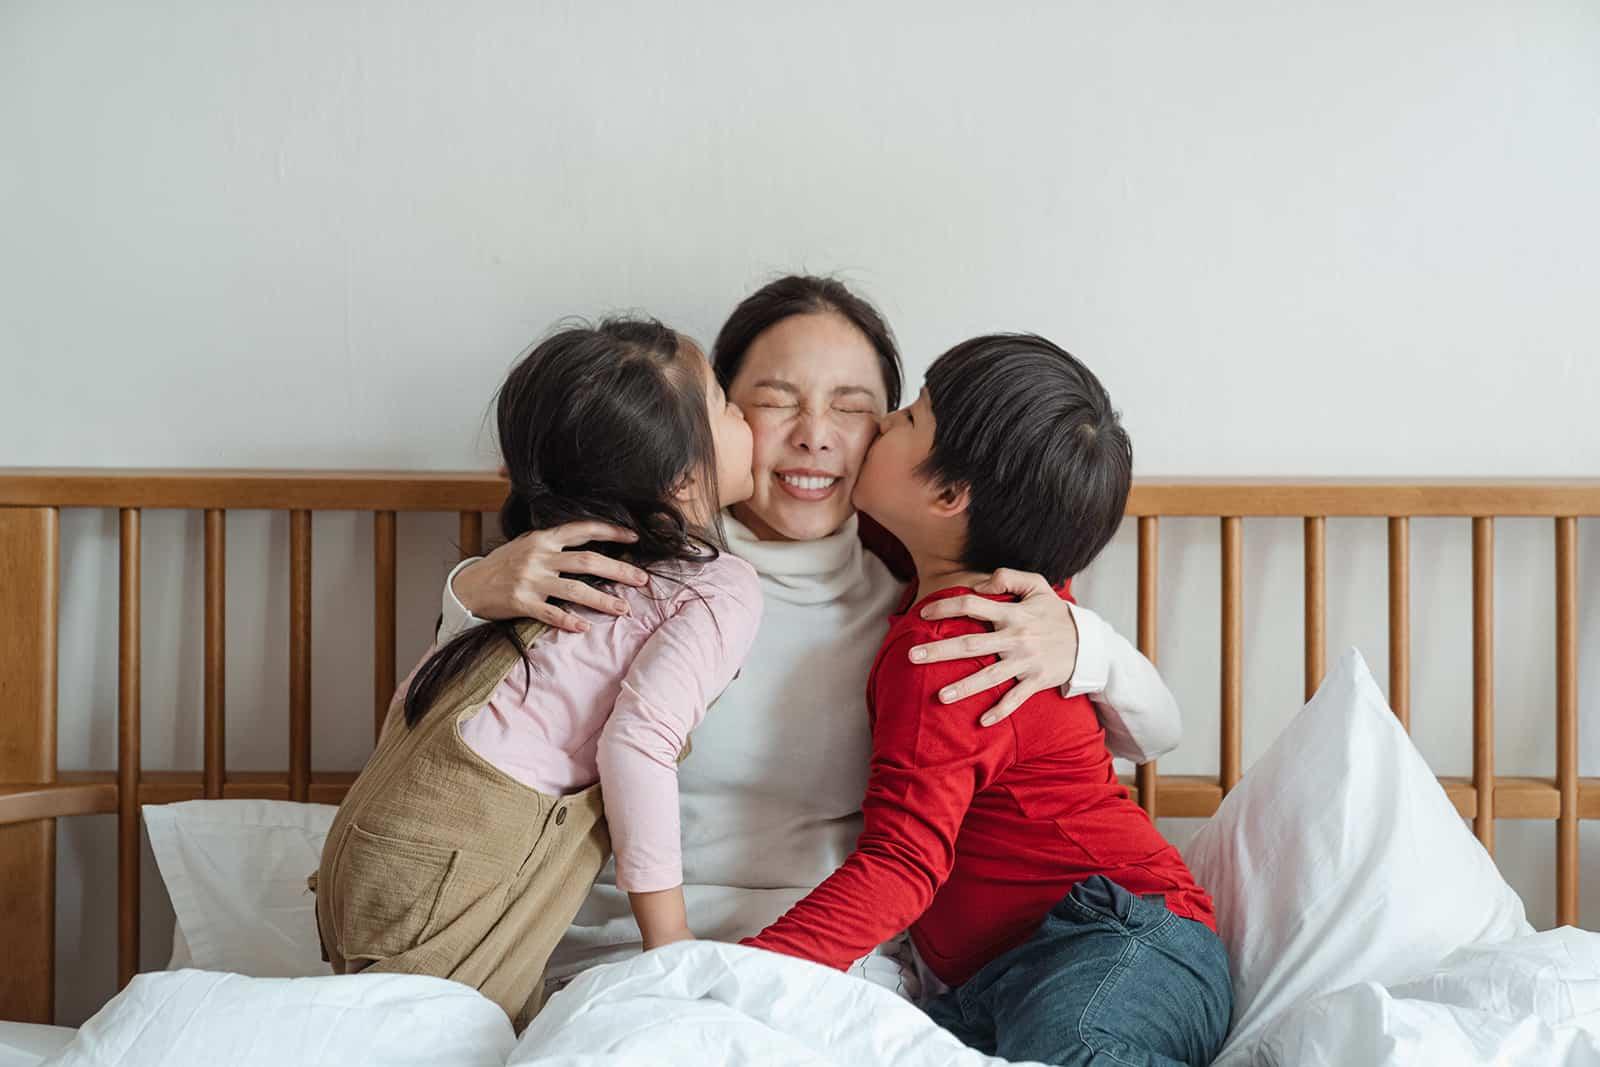 Kinder küssen ihre Mutter auf eine Wange, während sie auf dem Bett sitzen